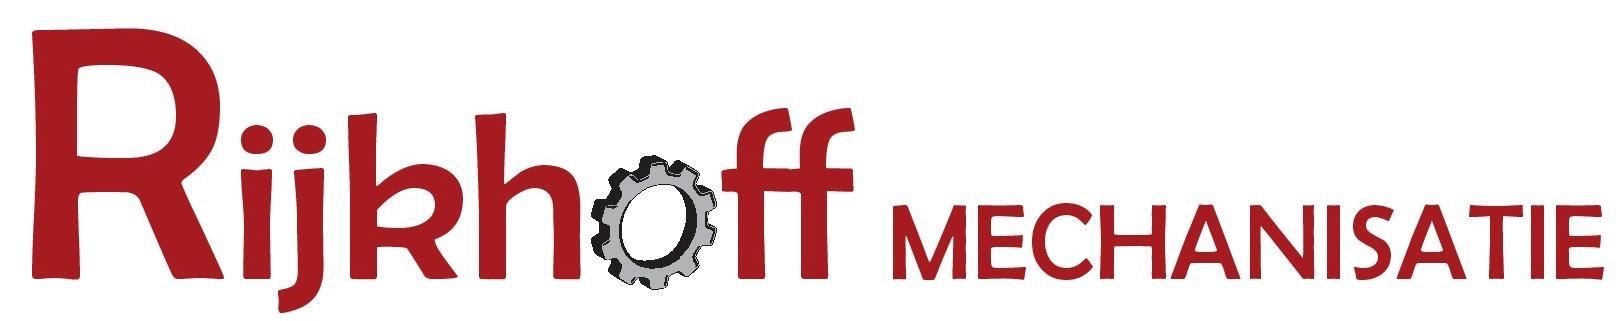 Rijkhoff Mechanisatie BV